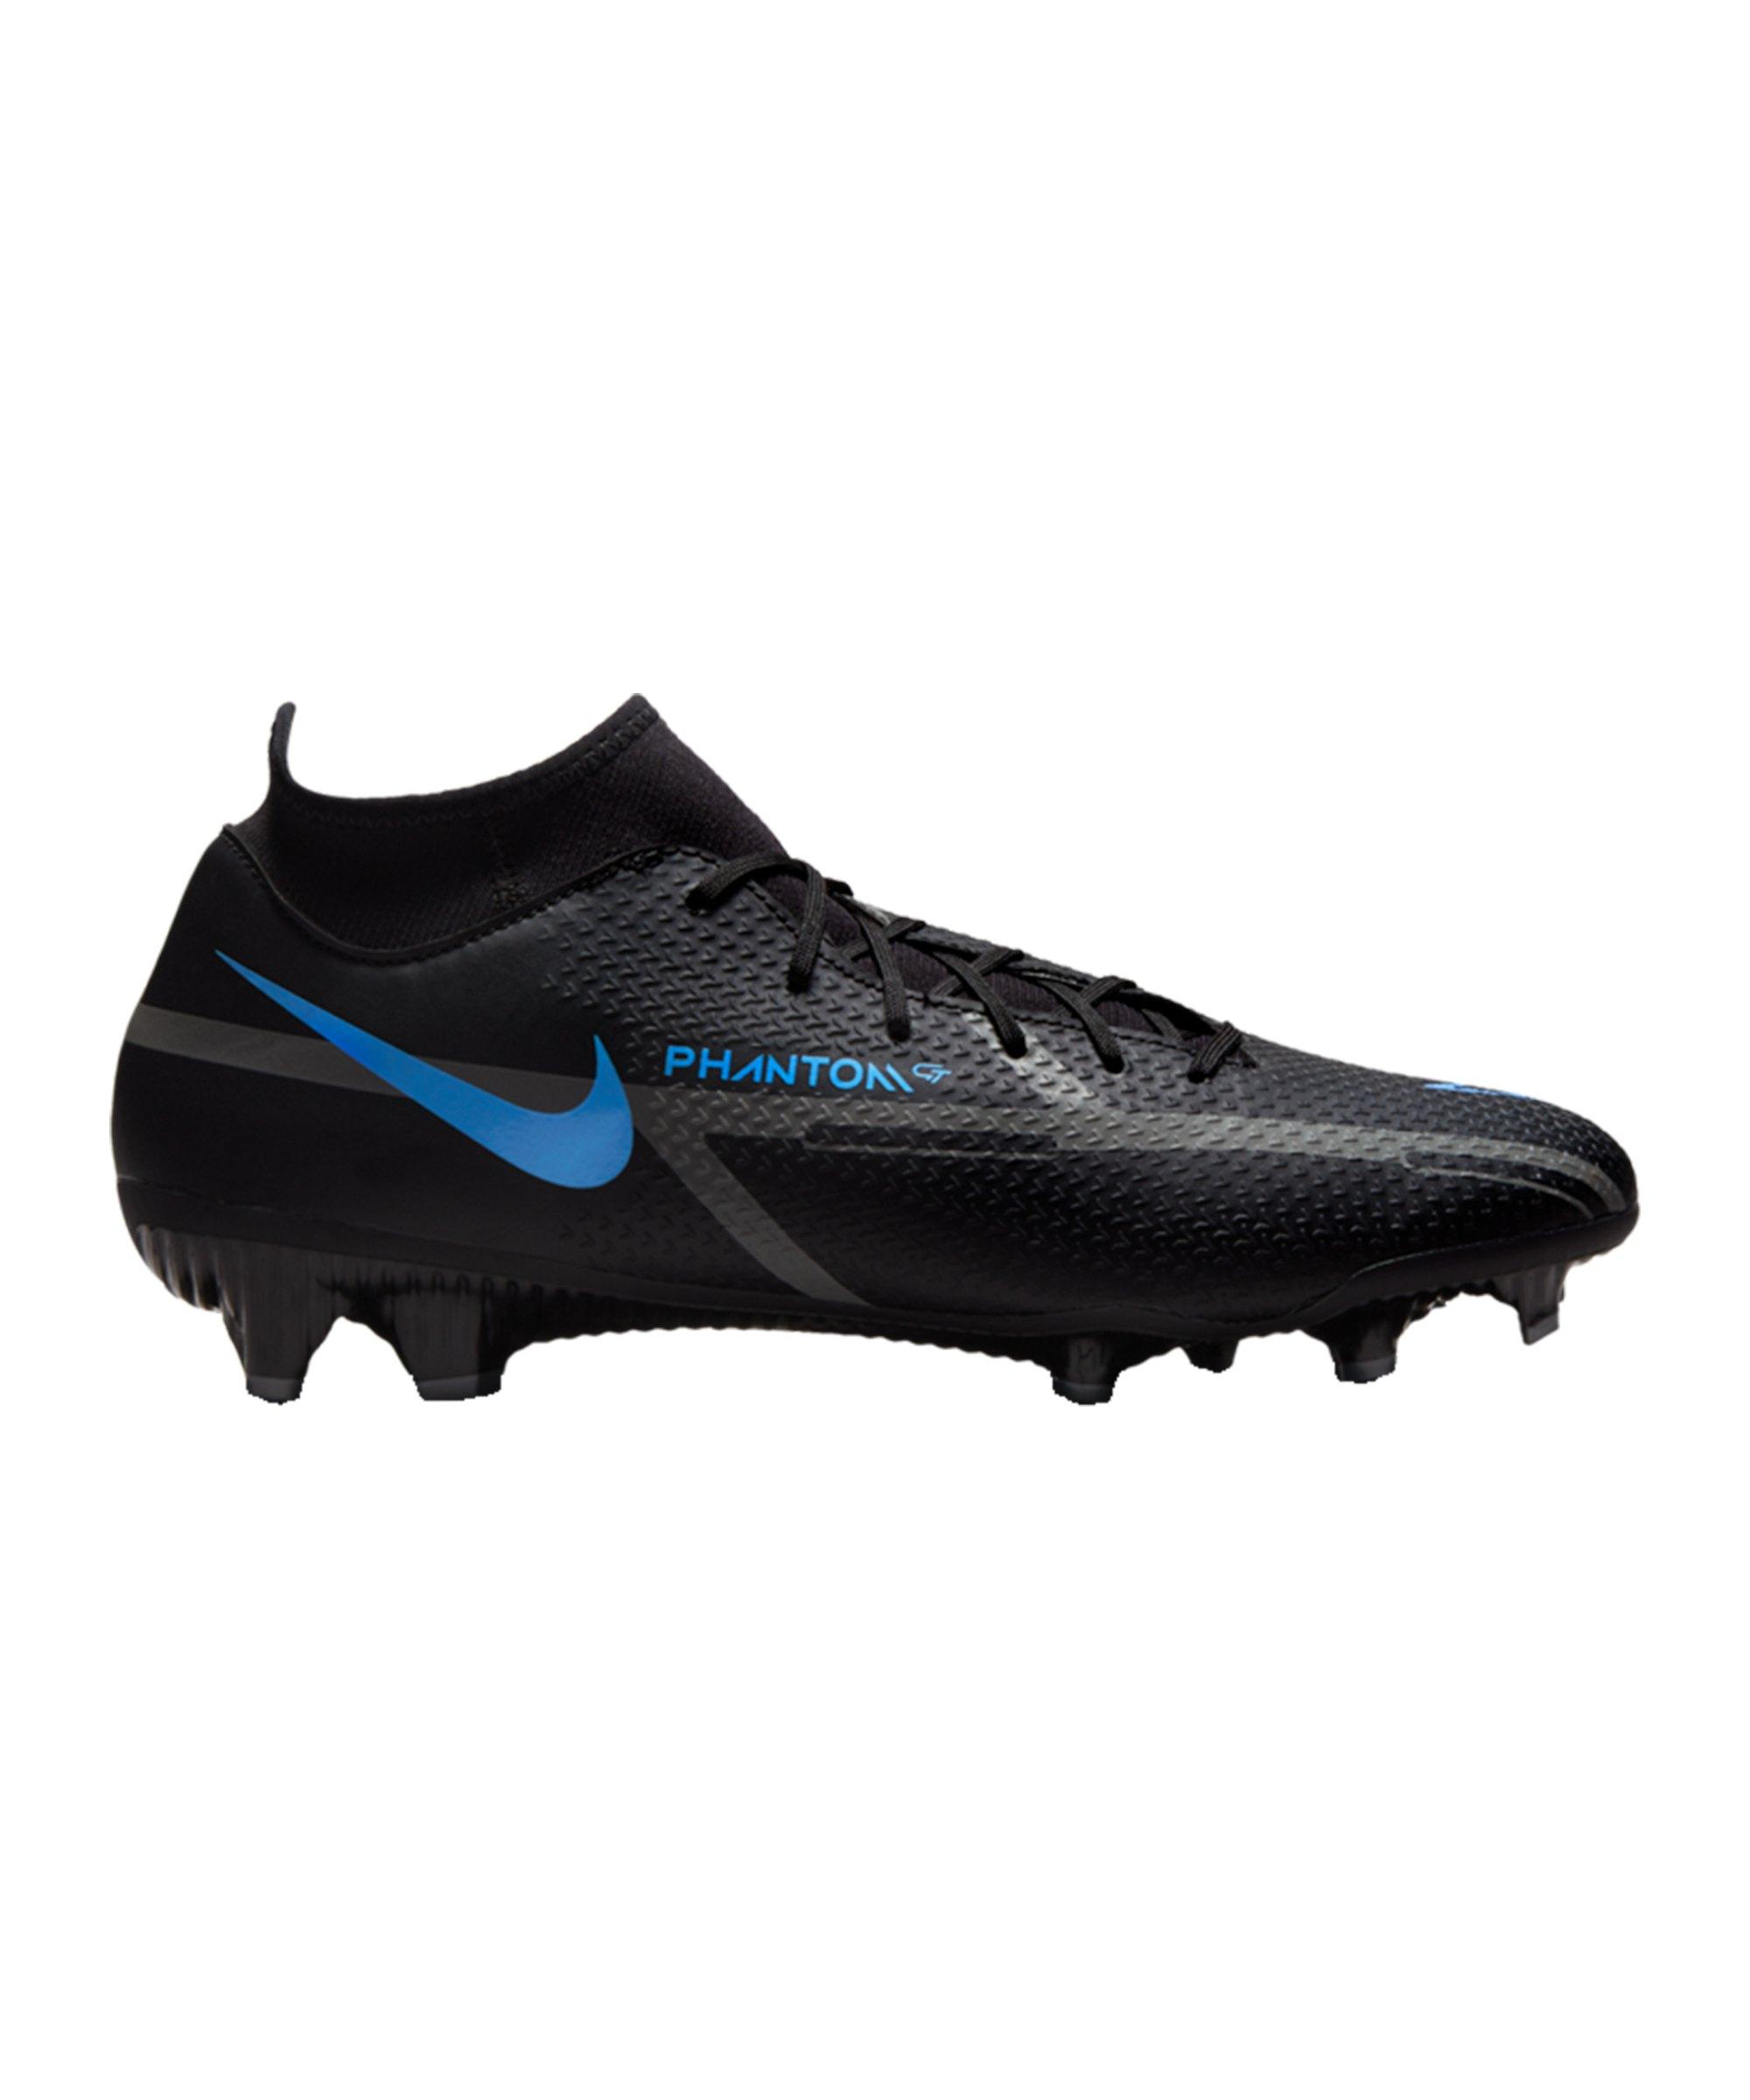 Nike Phantom GT2 Renew Academy DF FG/MG Schwarz Blau F004 - schwarz